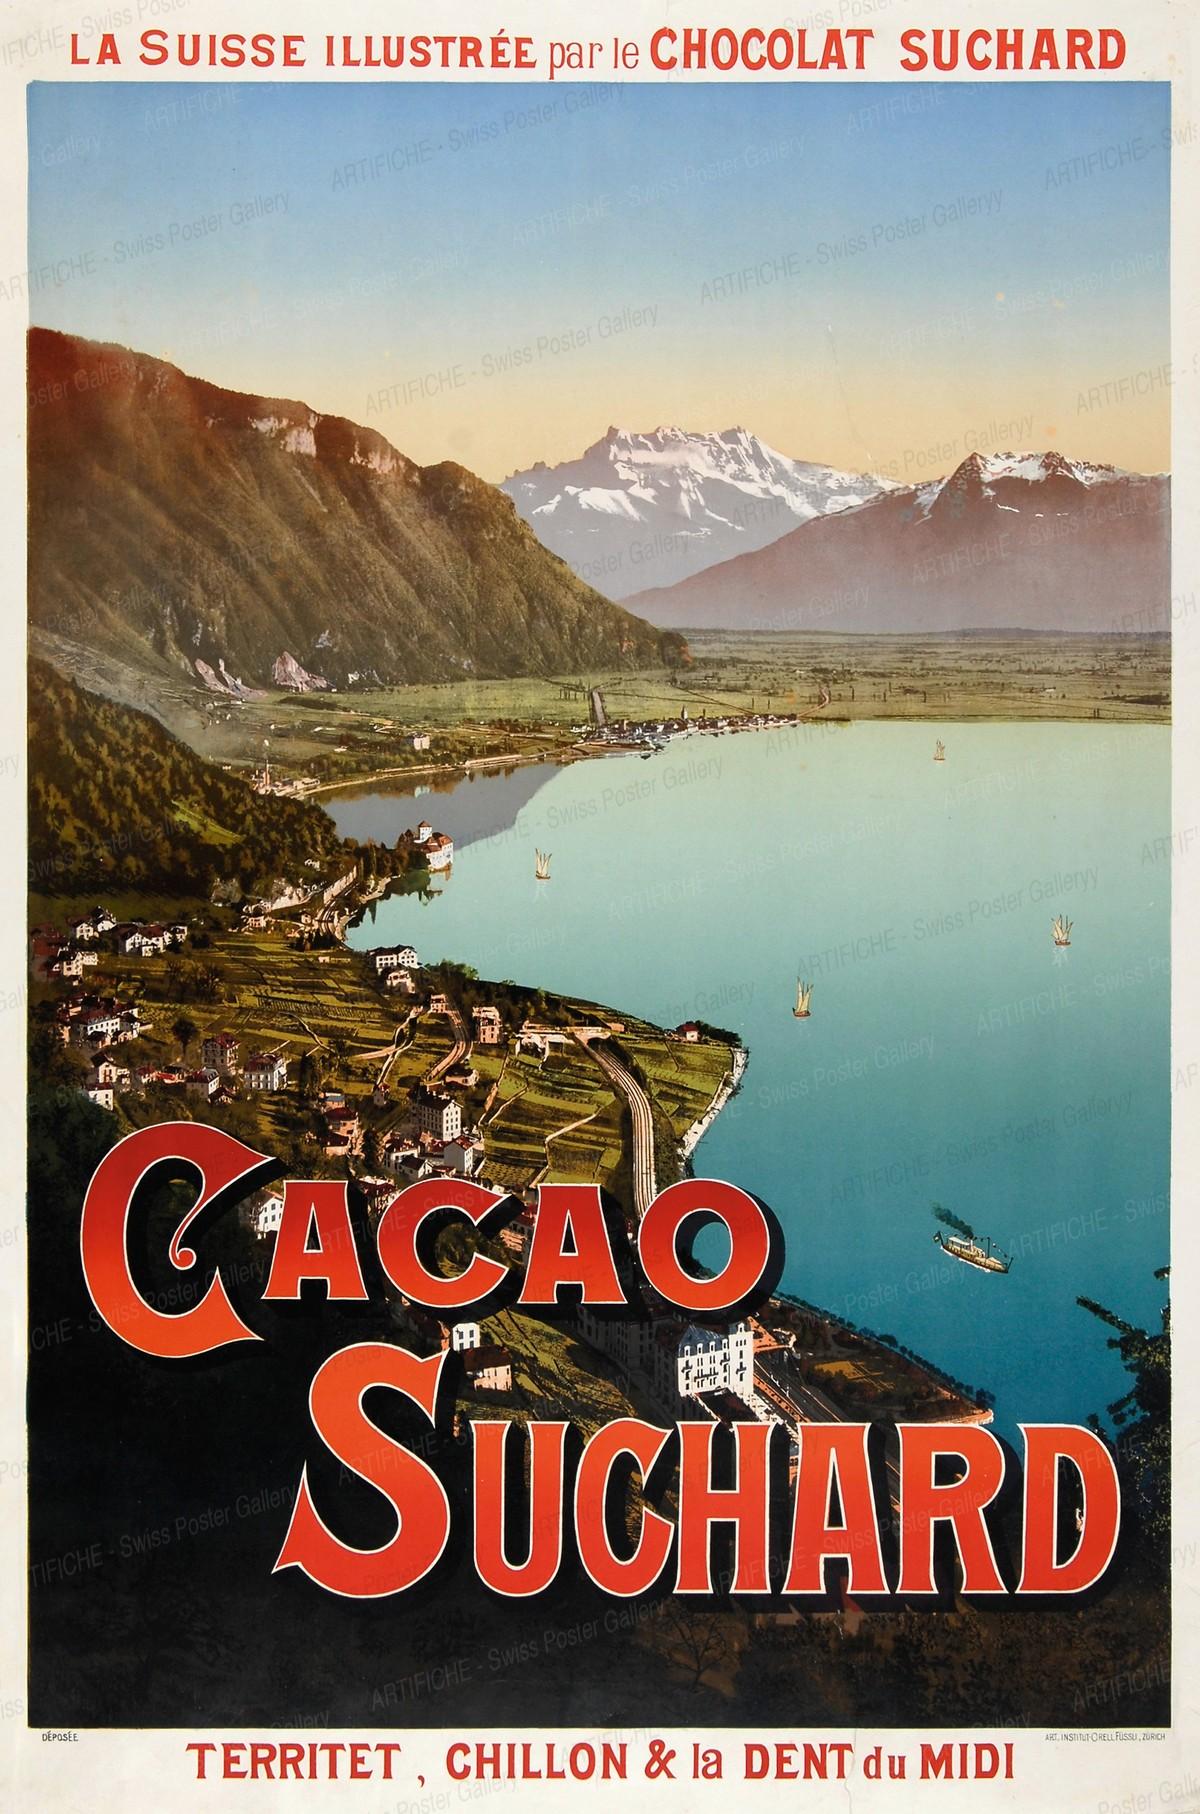 Cacao Suchard – La Suisse illustrée par le Chocolat Suchard – Territet, Chillon & Dent du Midi, Artist unknown